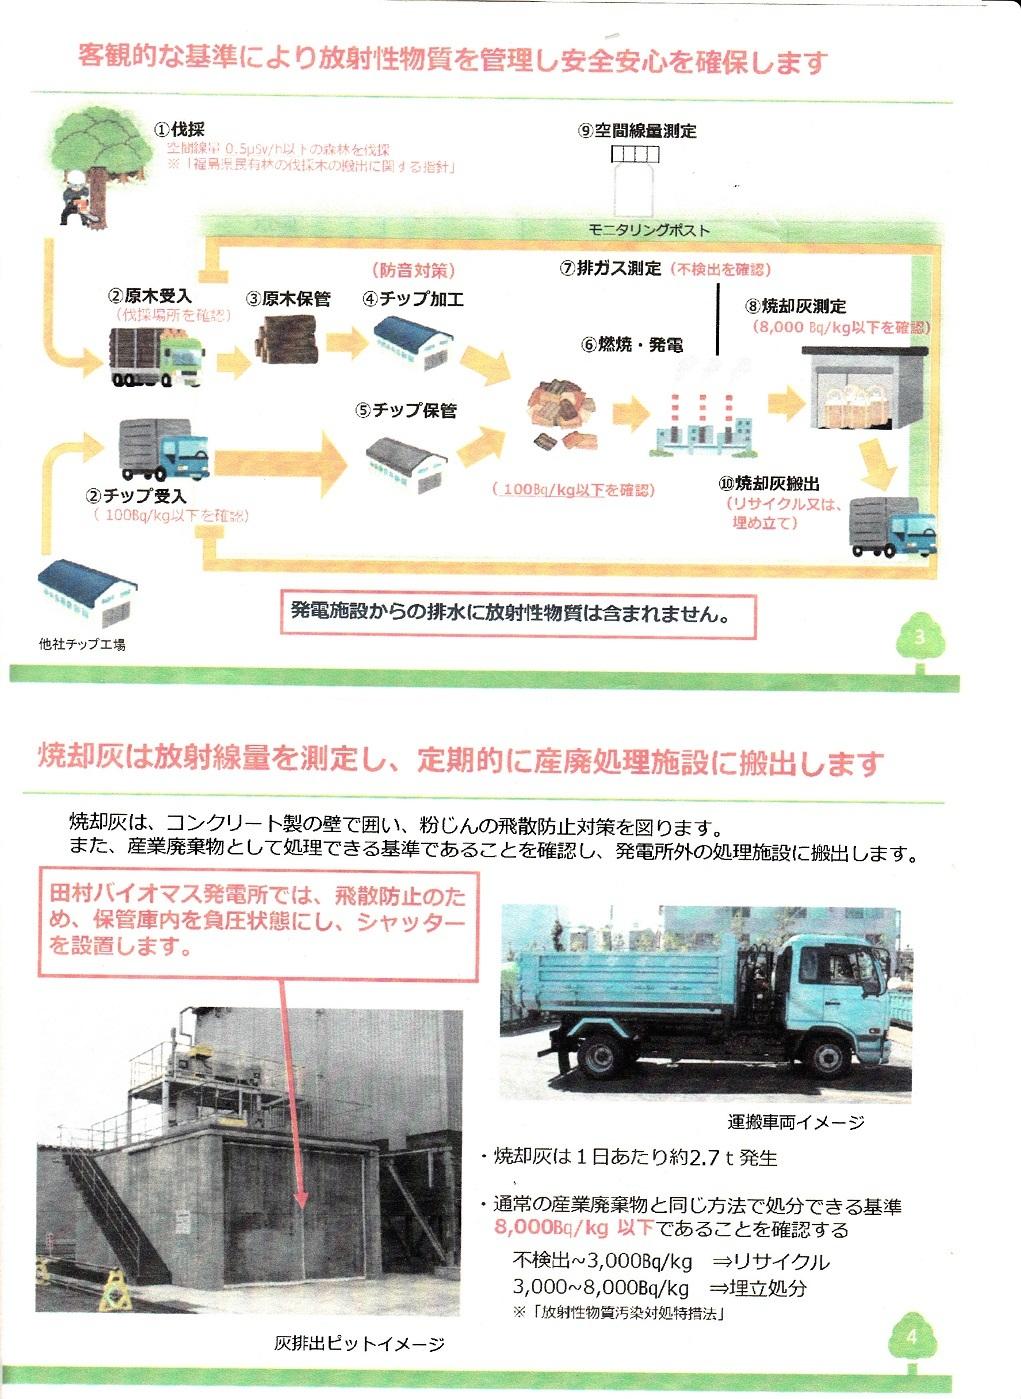 田村市産業部バイオマス発電チラシ_0002